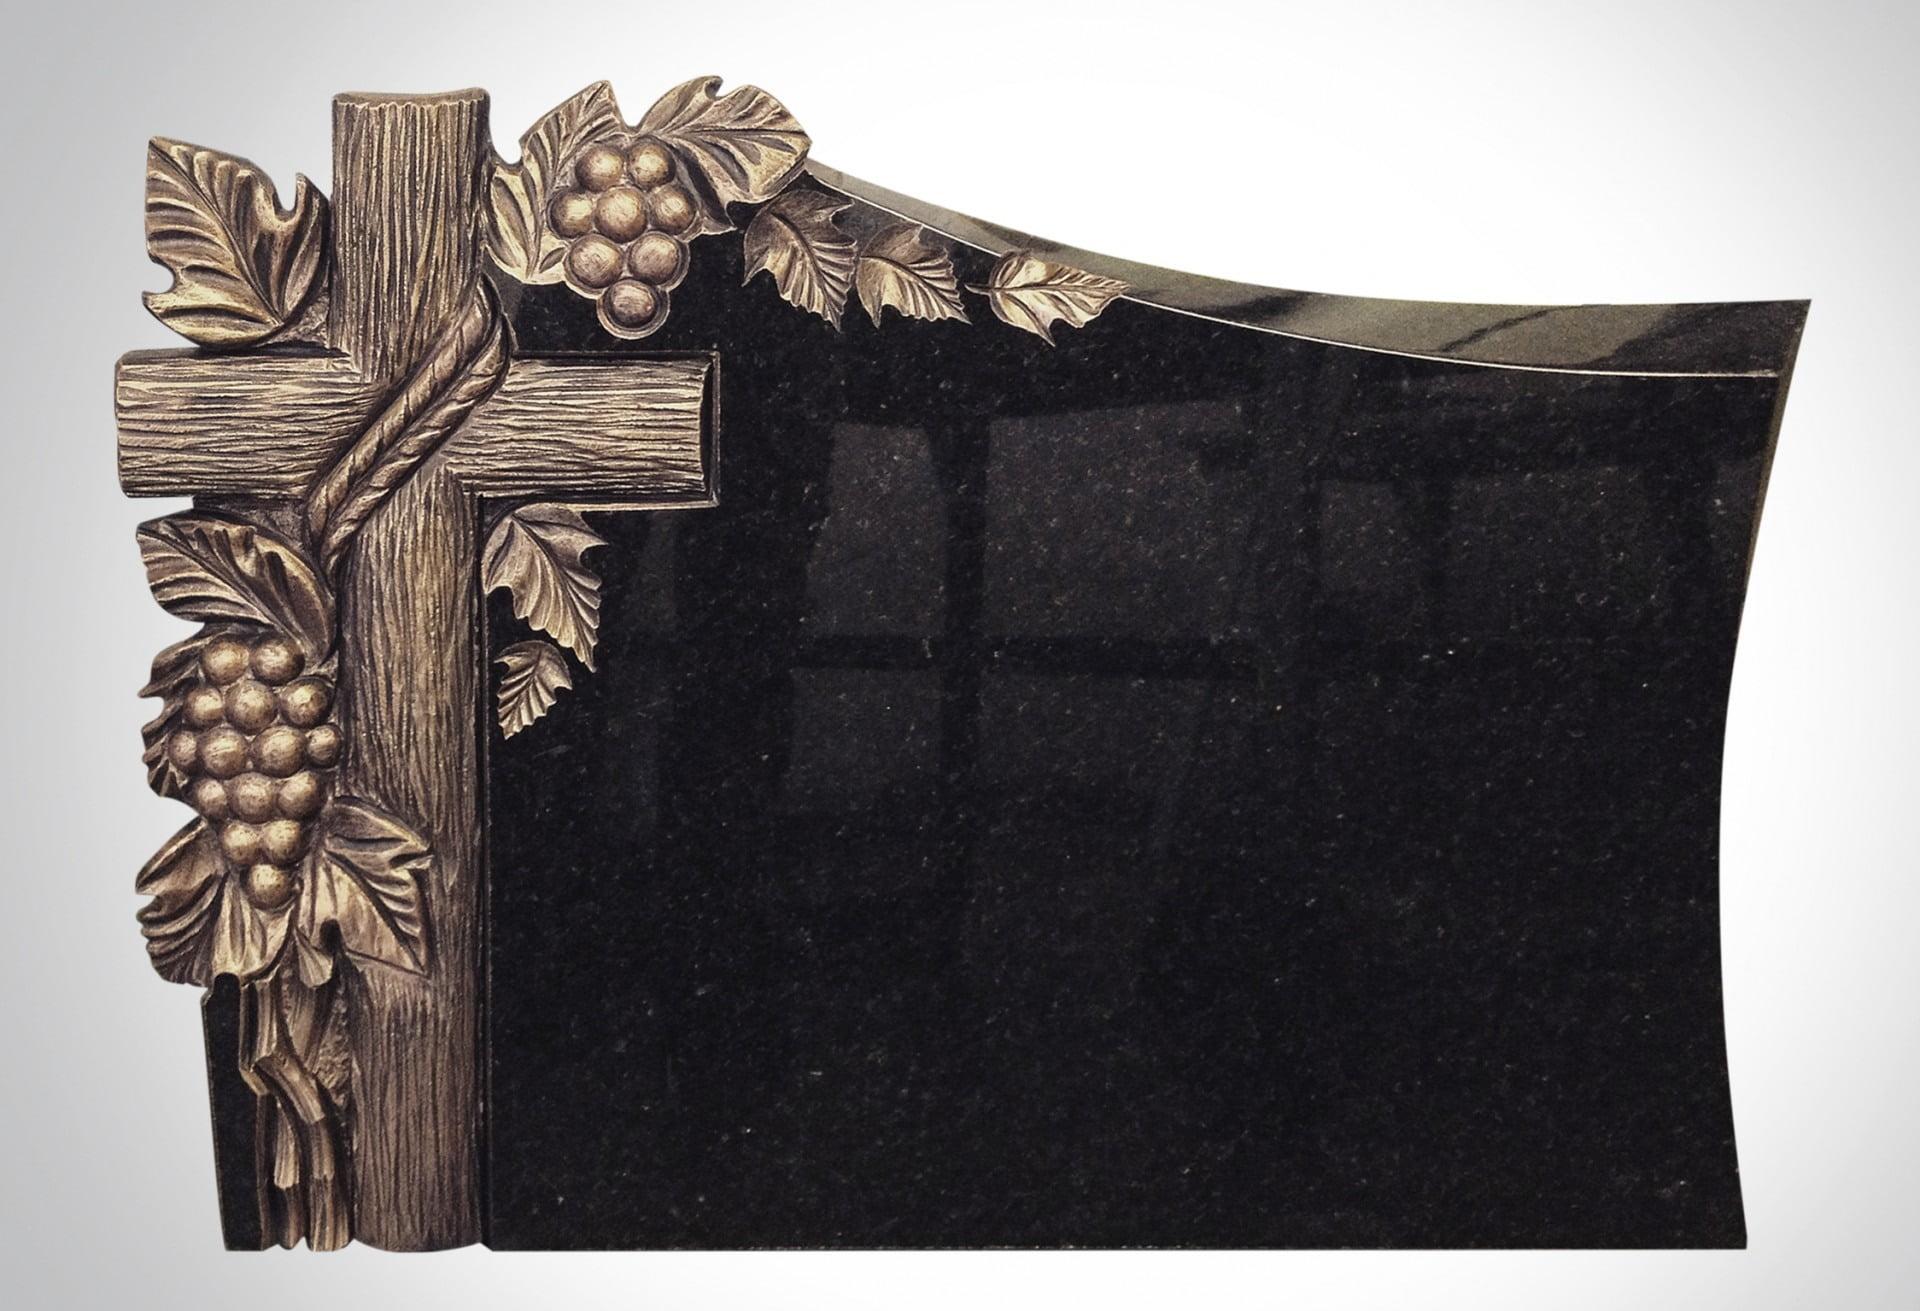 Rzeźba złotego krzyża z drewna i winogronem - Nagrobki Bielsko-Biała